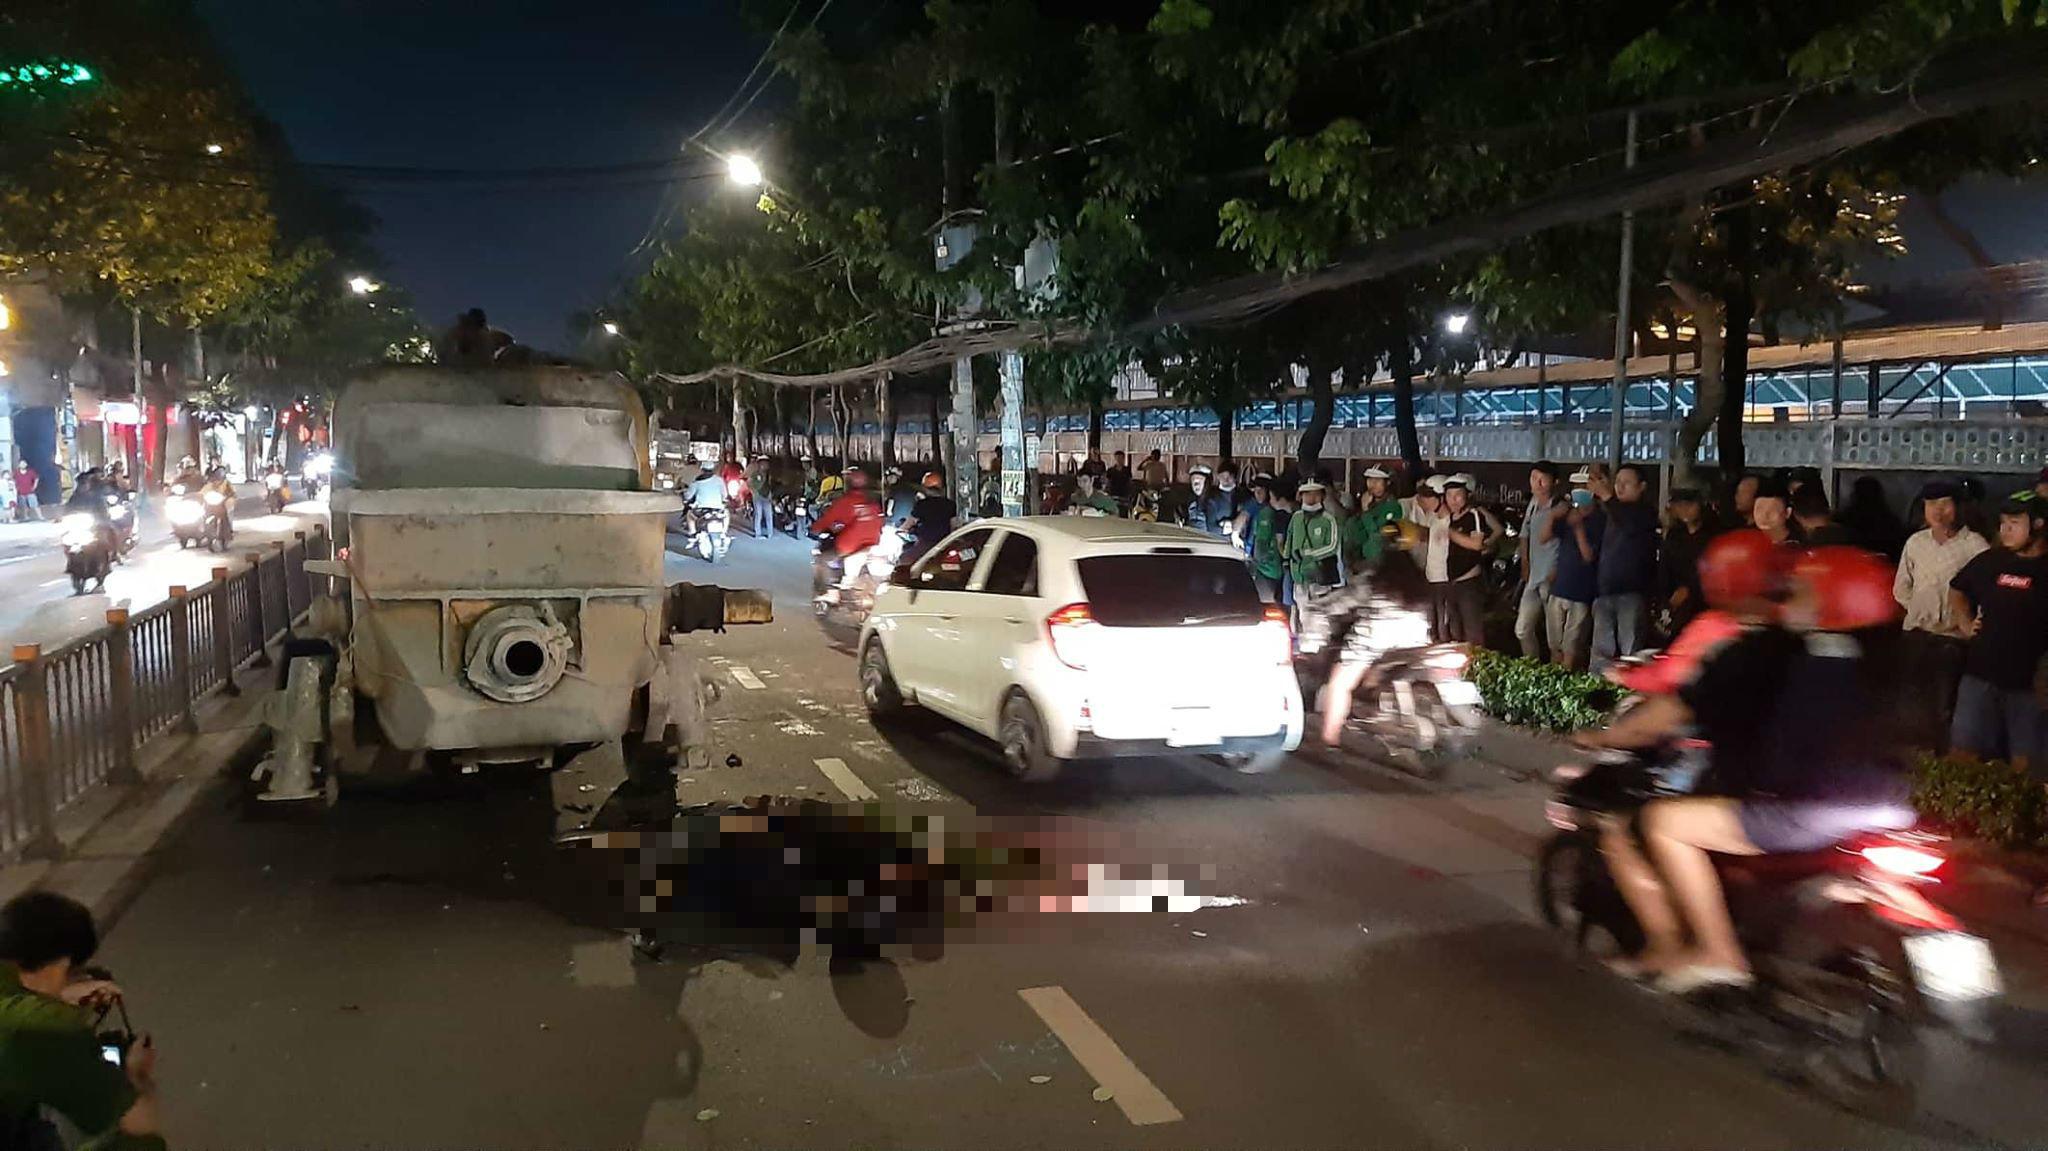 2 thanh niên tông trục bơm bê tông đỗ giữa đường Sài Gòn chết tại chỗ